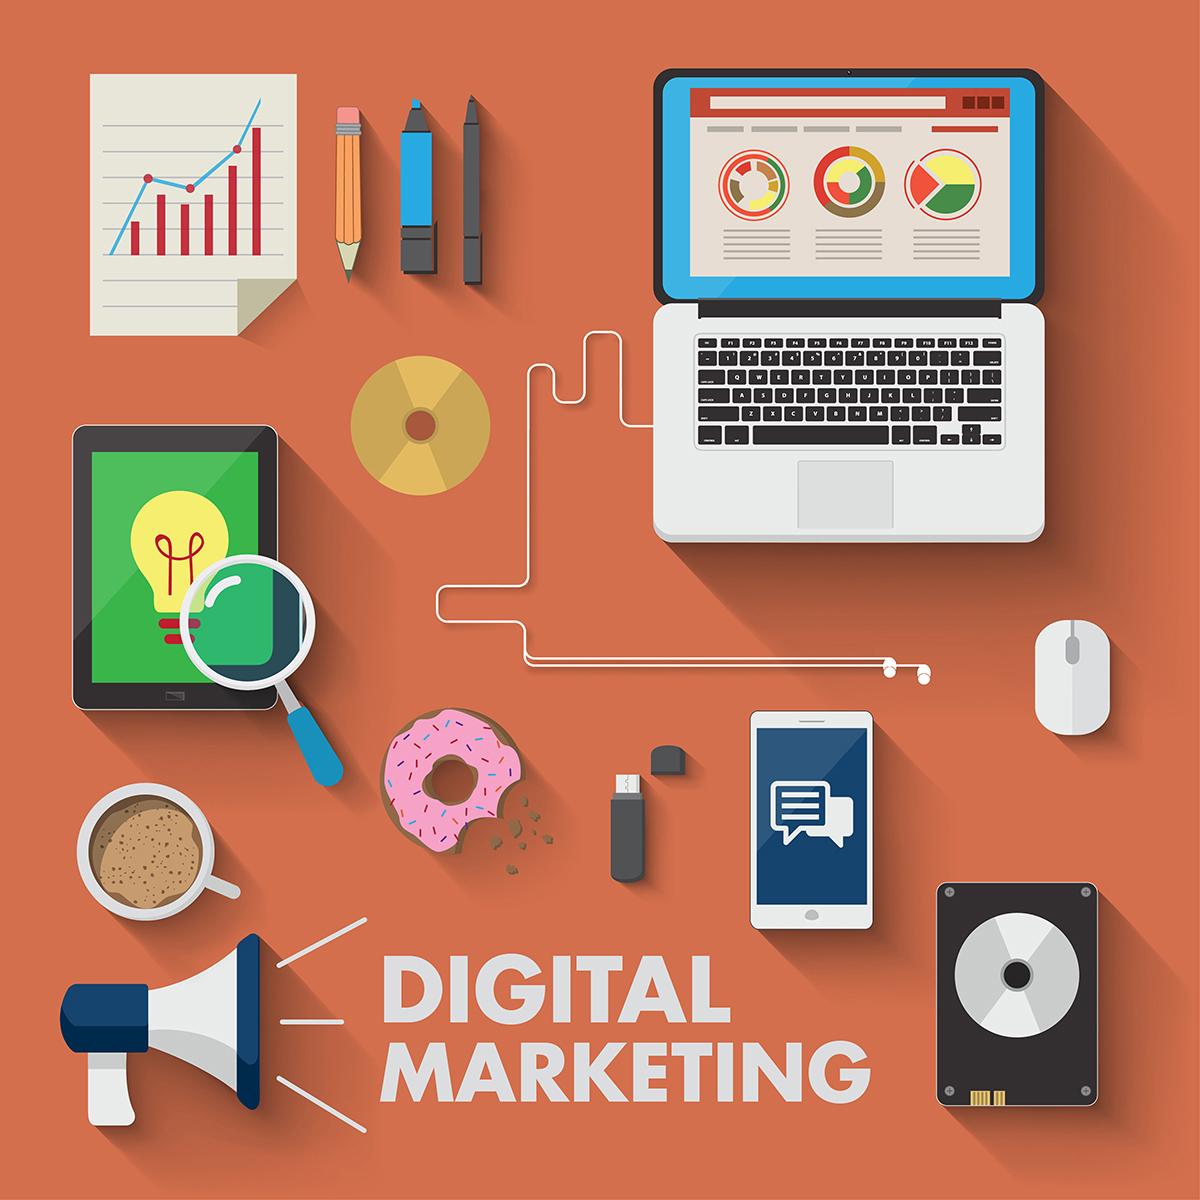 Digital Marketing Services-Enhanced | SEM,SEO, SMM, SMO, PPC, CRO, CRM, CMS, ORM-By Omkara Marketing Services